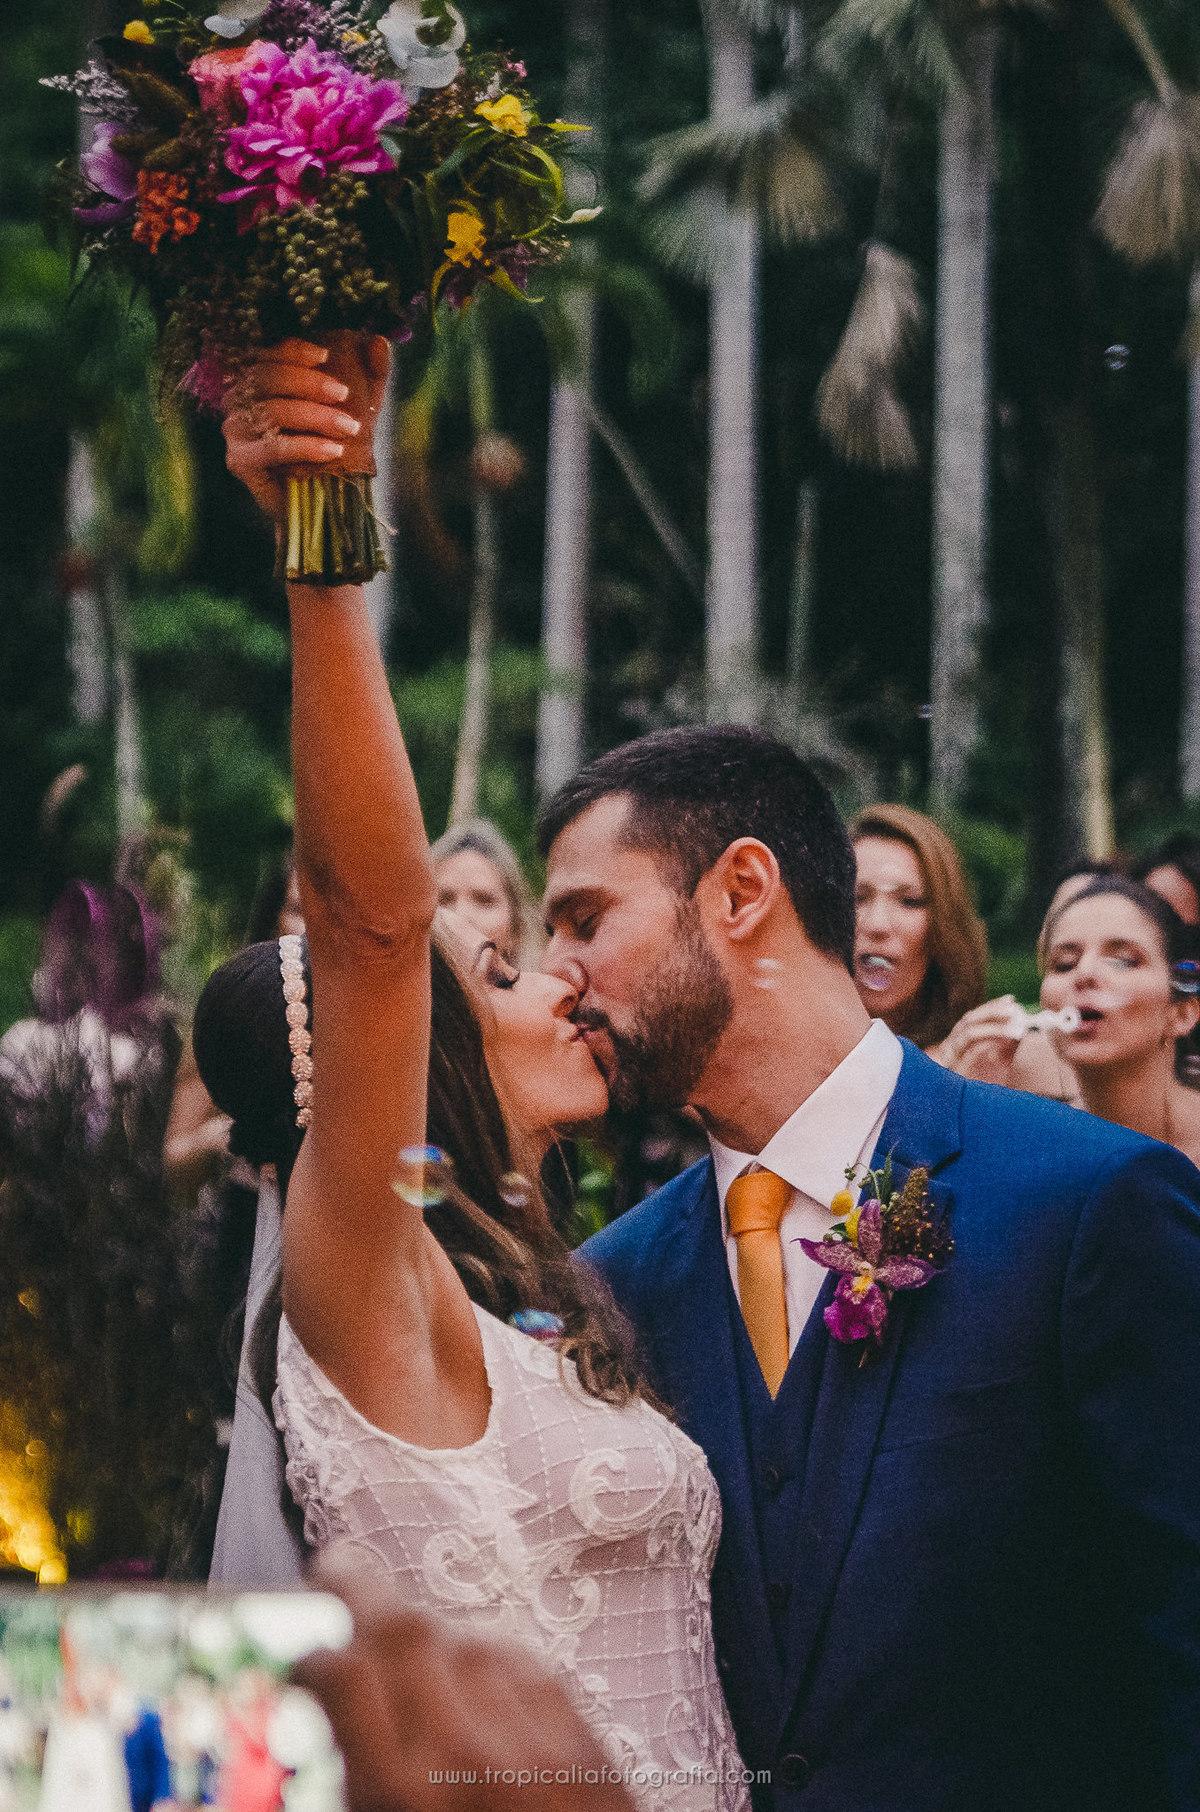 Casamento no Rio de Janeiro. Fotógrafo de casamento em Nova Friburgo. Foto do beijo dos noivos enquanto a noiva levanta o buquê. Foto mostra os convidados ao fundo assoprando bolhas de sabão nesse momento.